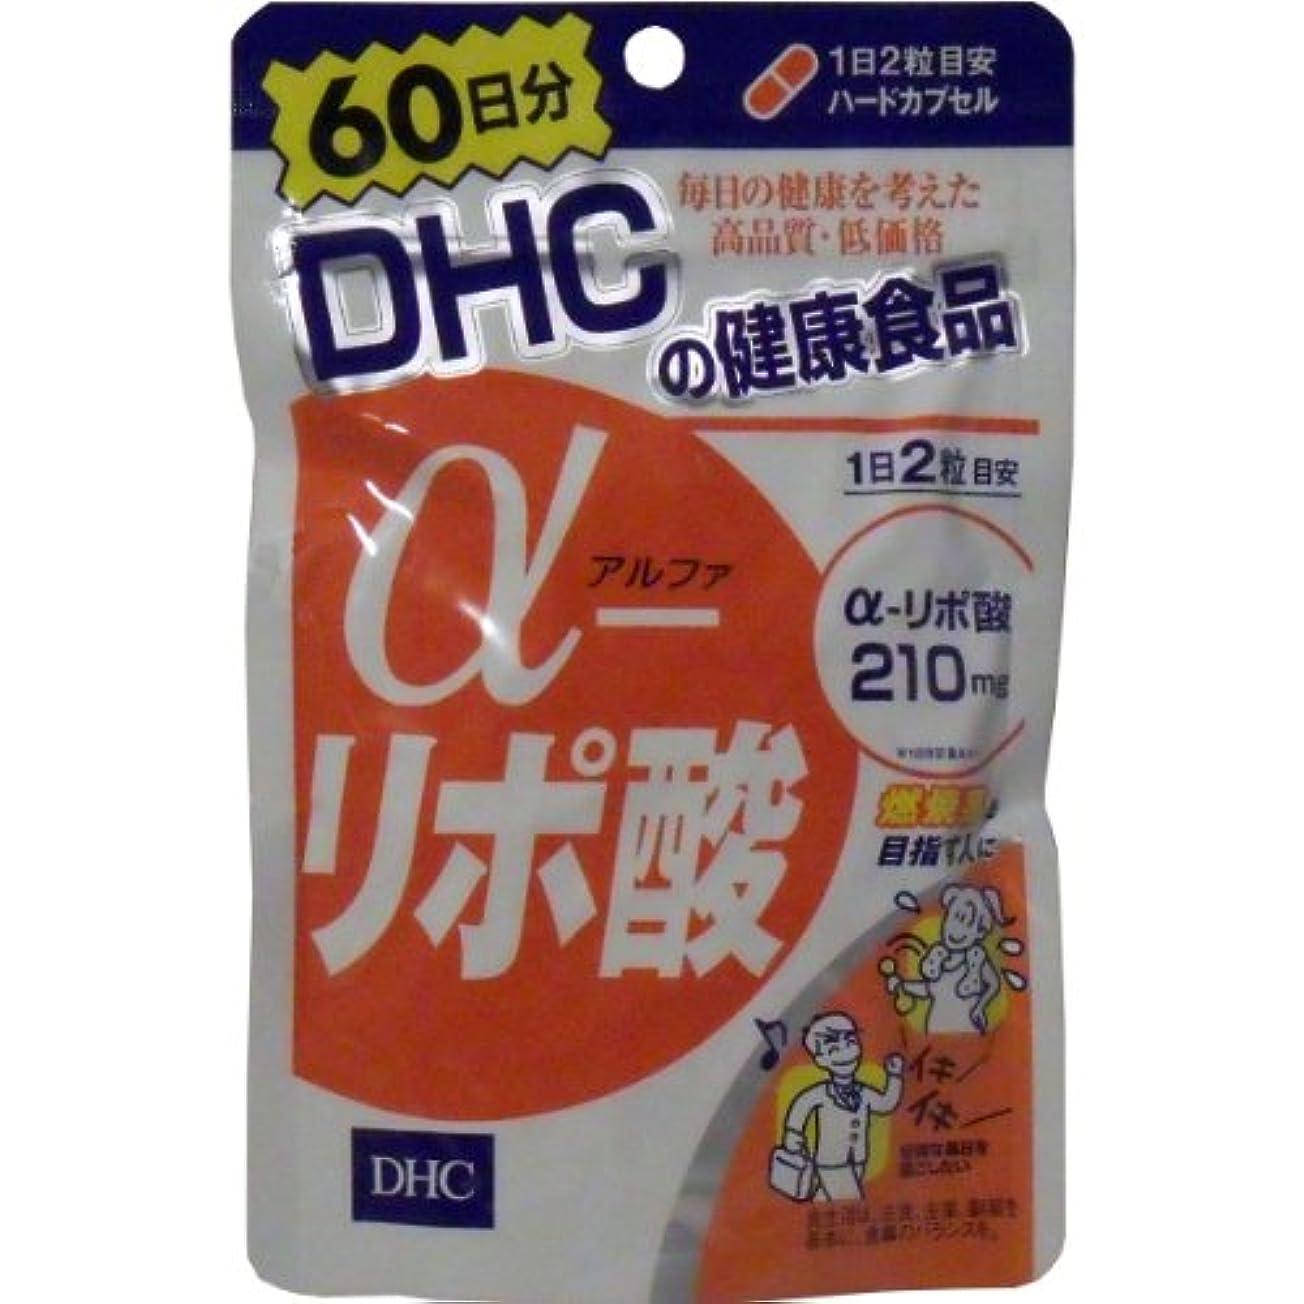 ベンチ交差点テレビα-リポ酸は、もともと体内にあるエネルギー活性成分。サプリメントでの効率的な補給がおすすめ!DHC120粒 60日分 【3個セット】